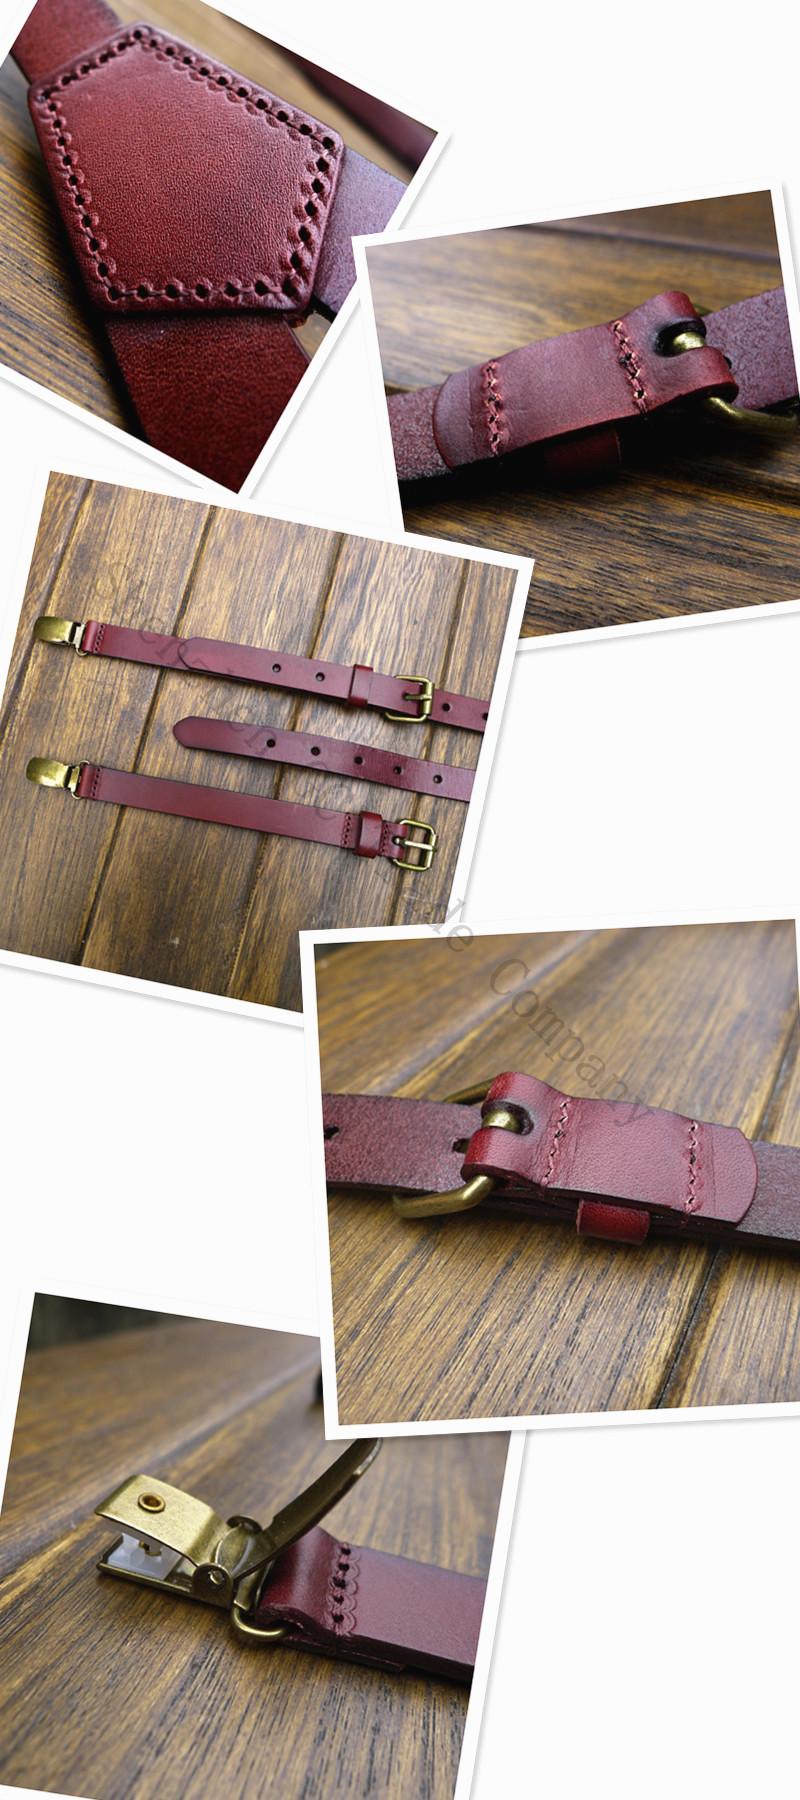 Новый коричневый кожаный ремешок женщины мужчины подтяжки кожи головы британский ретро tri-rail зажим подтяжки подтяжки шириной 2 см бесплатная доставка